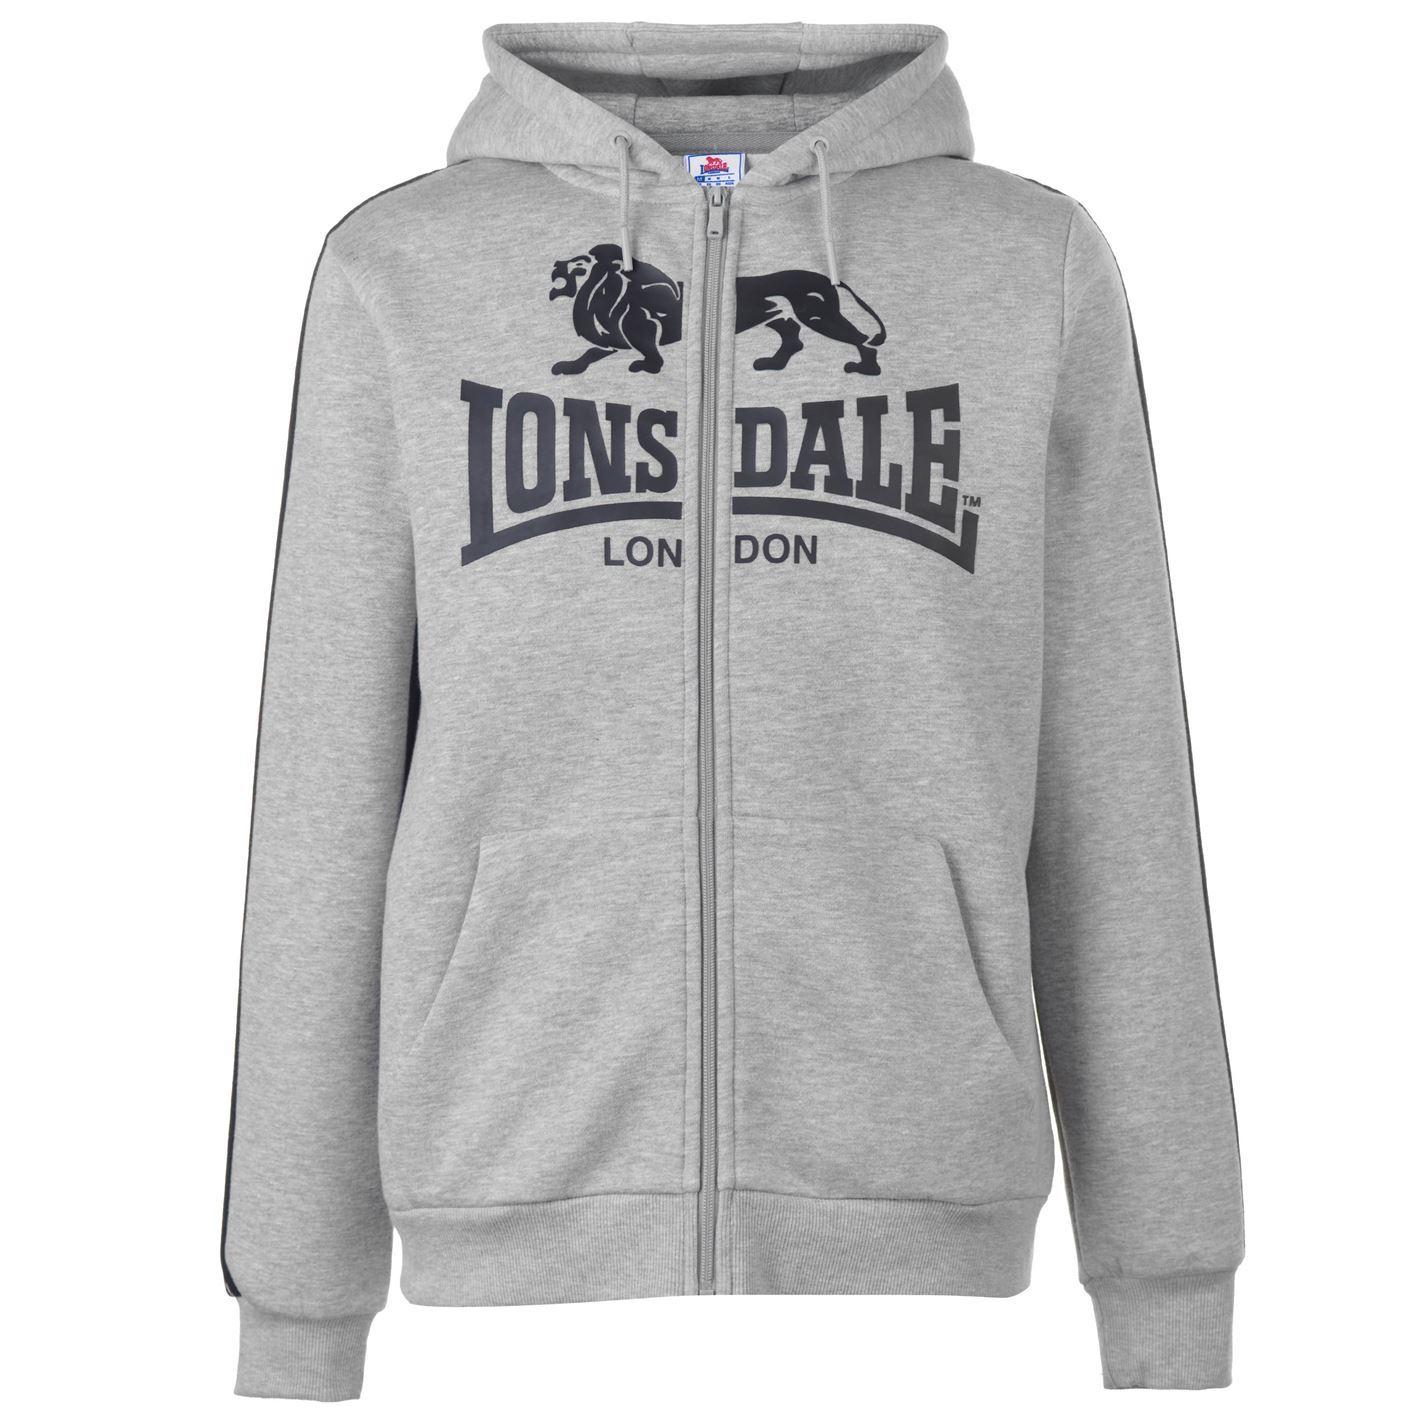 Lonsdale-2-Stripe-Logo-Full-Zip-Hoody-Mens-Hoodie-Top-Sweatshirt-Sweater thumbnail 12